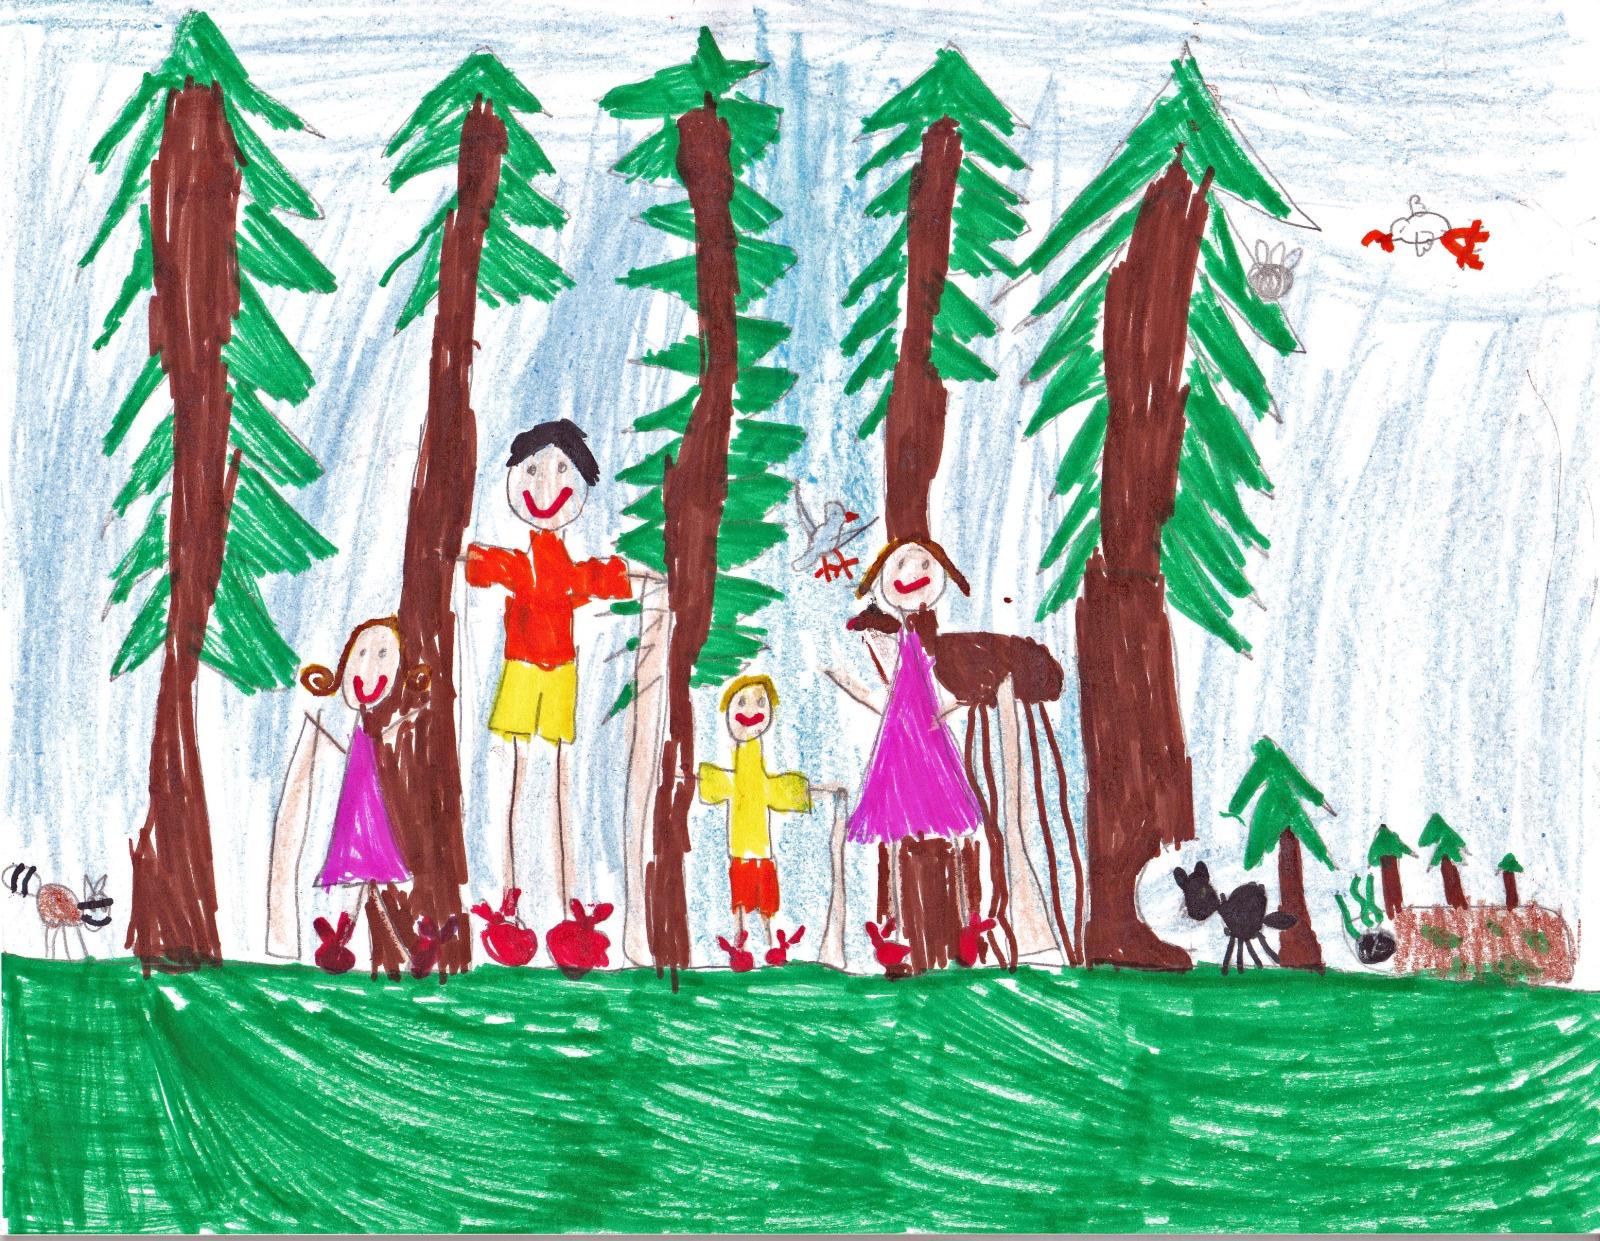 The Magic Tree House, artwork by Faith Hedin